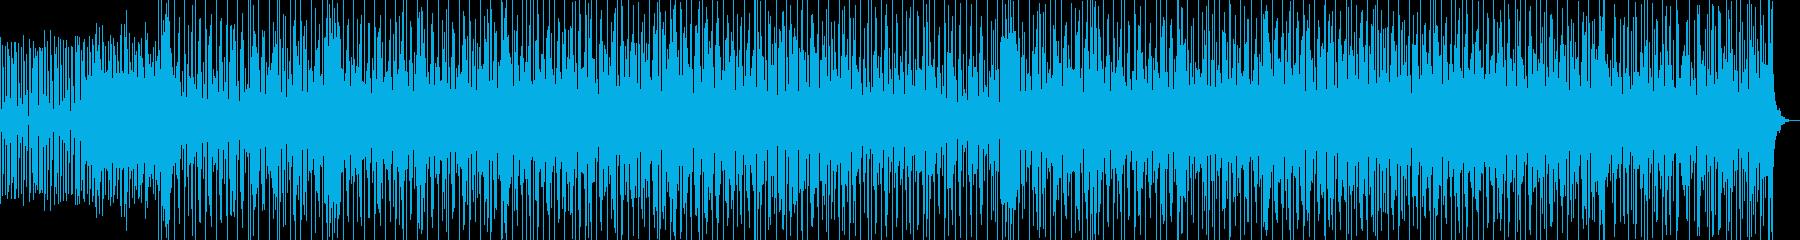 爽やかでセンチメンタルな気分の曲の再生済みの波形